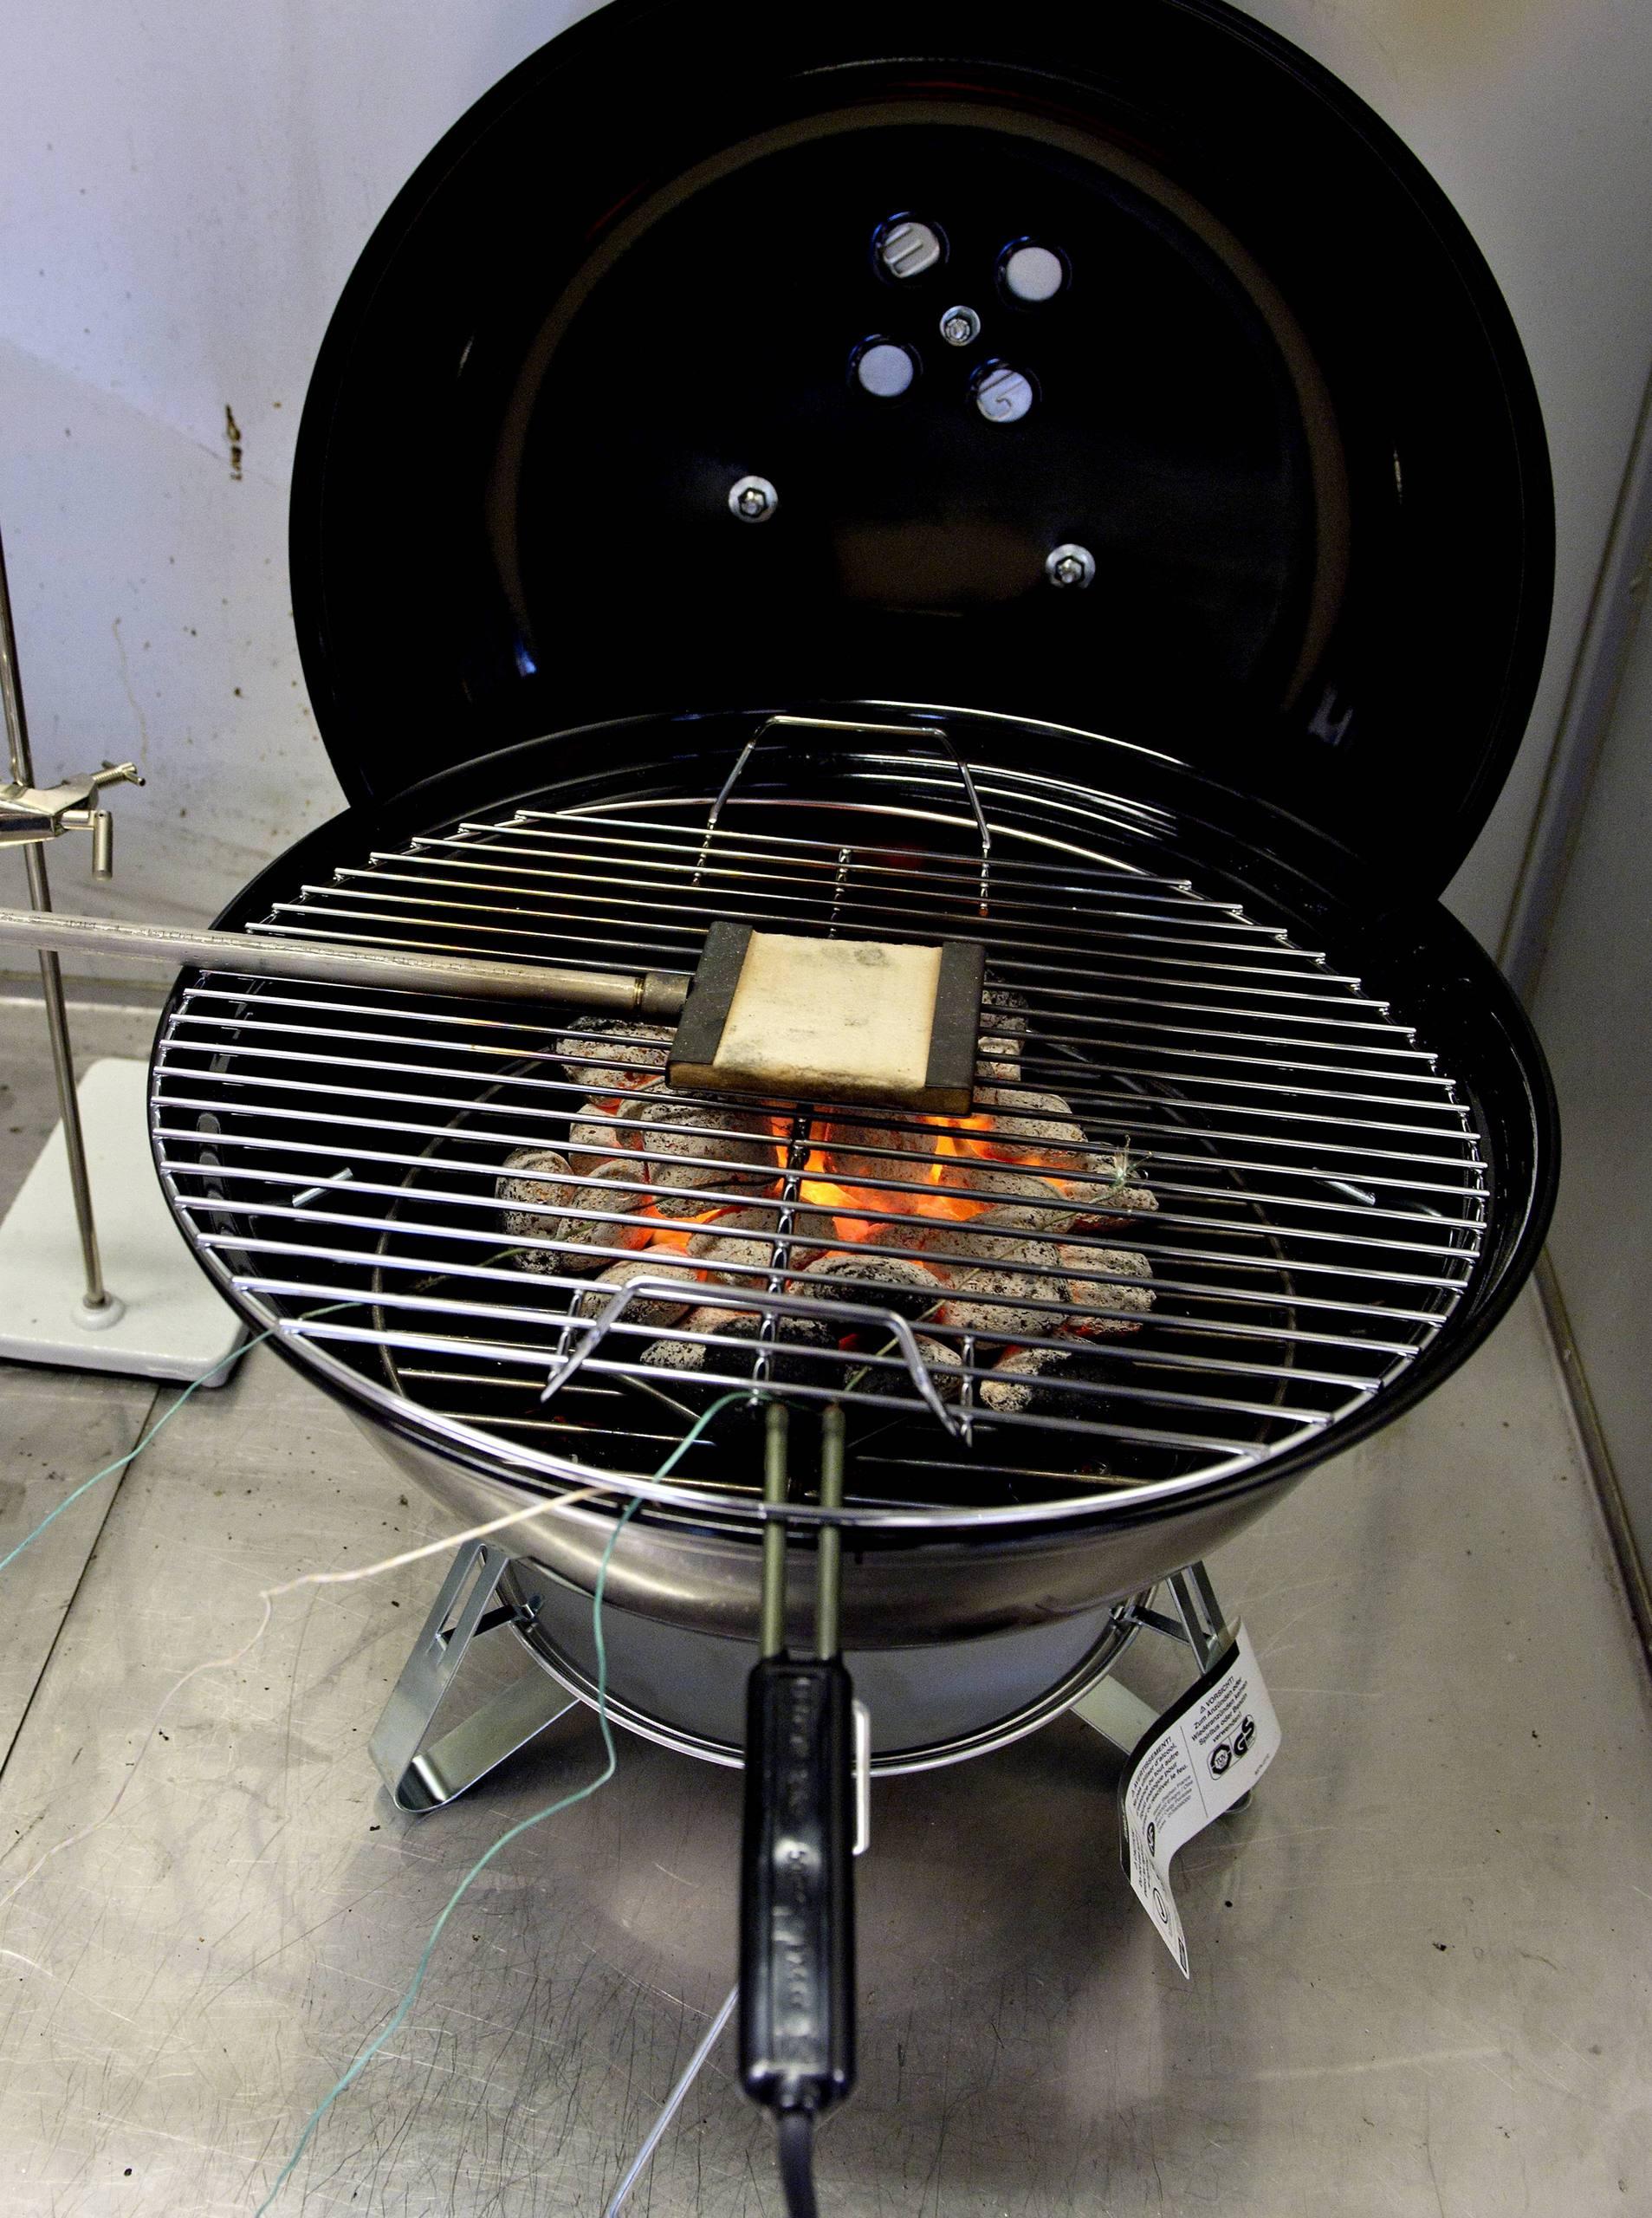 Tio forgiftade vid grillning